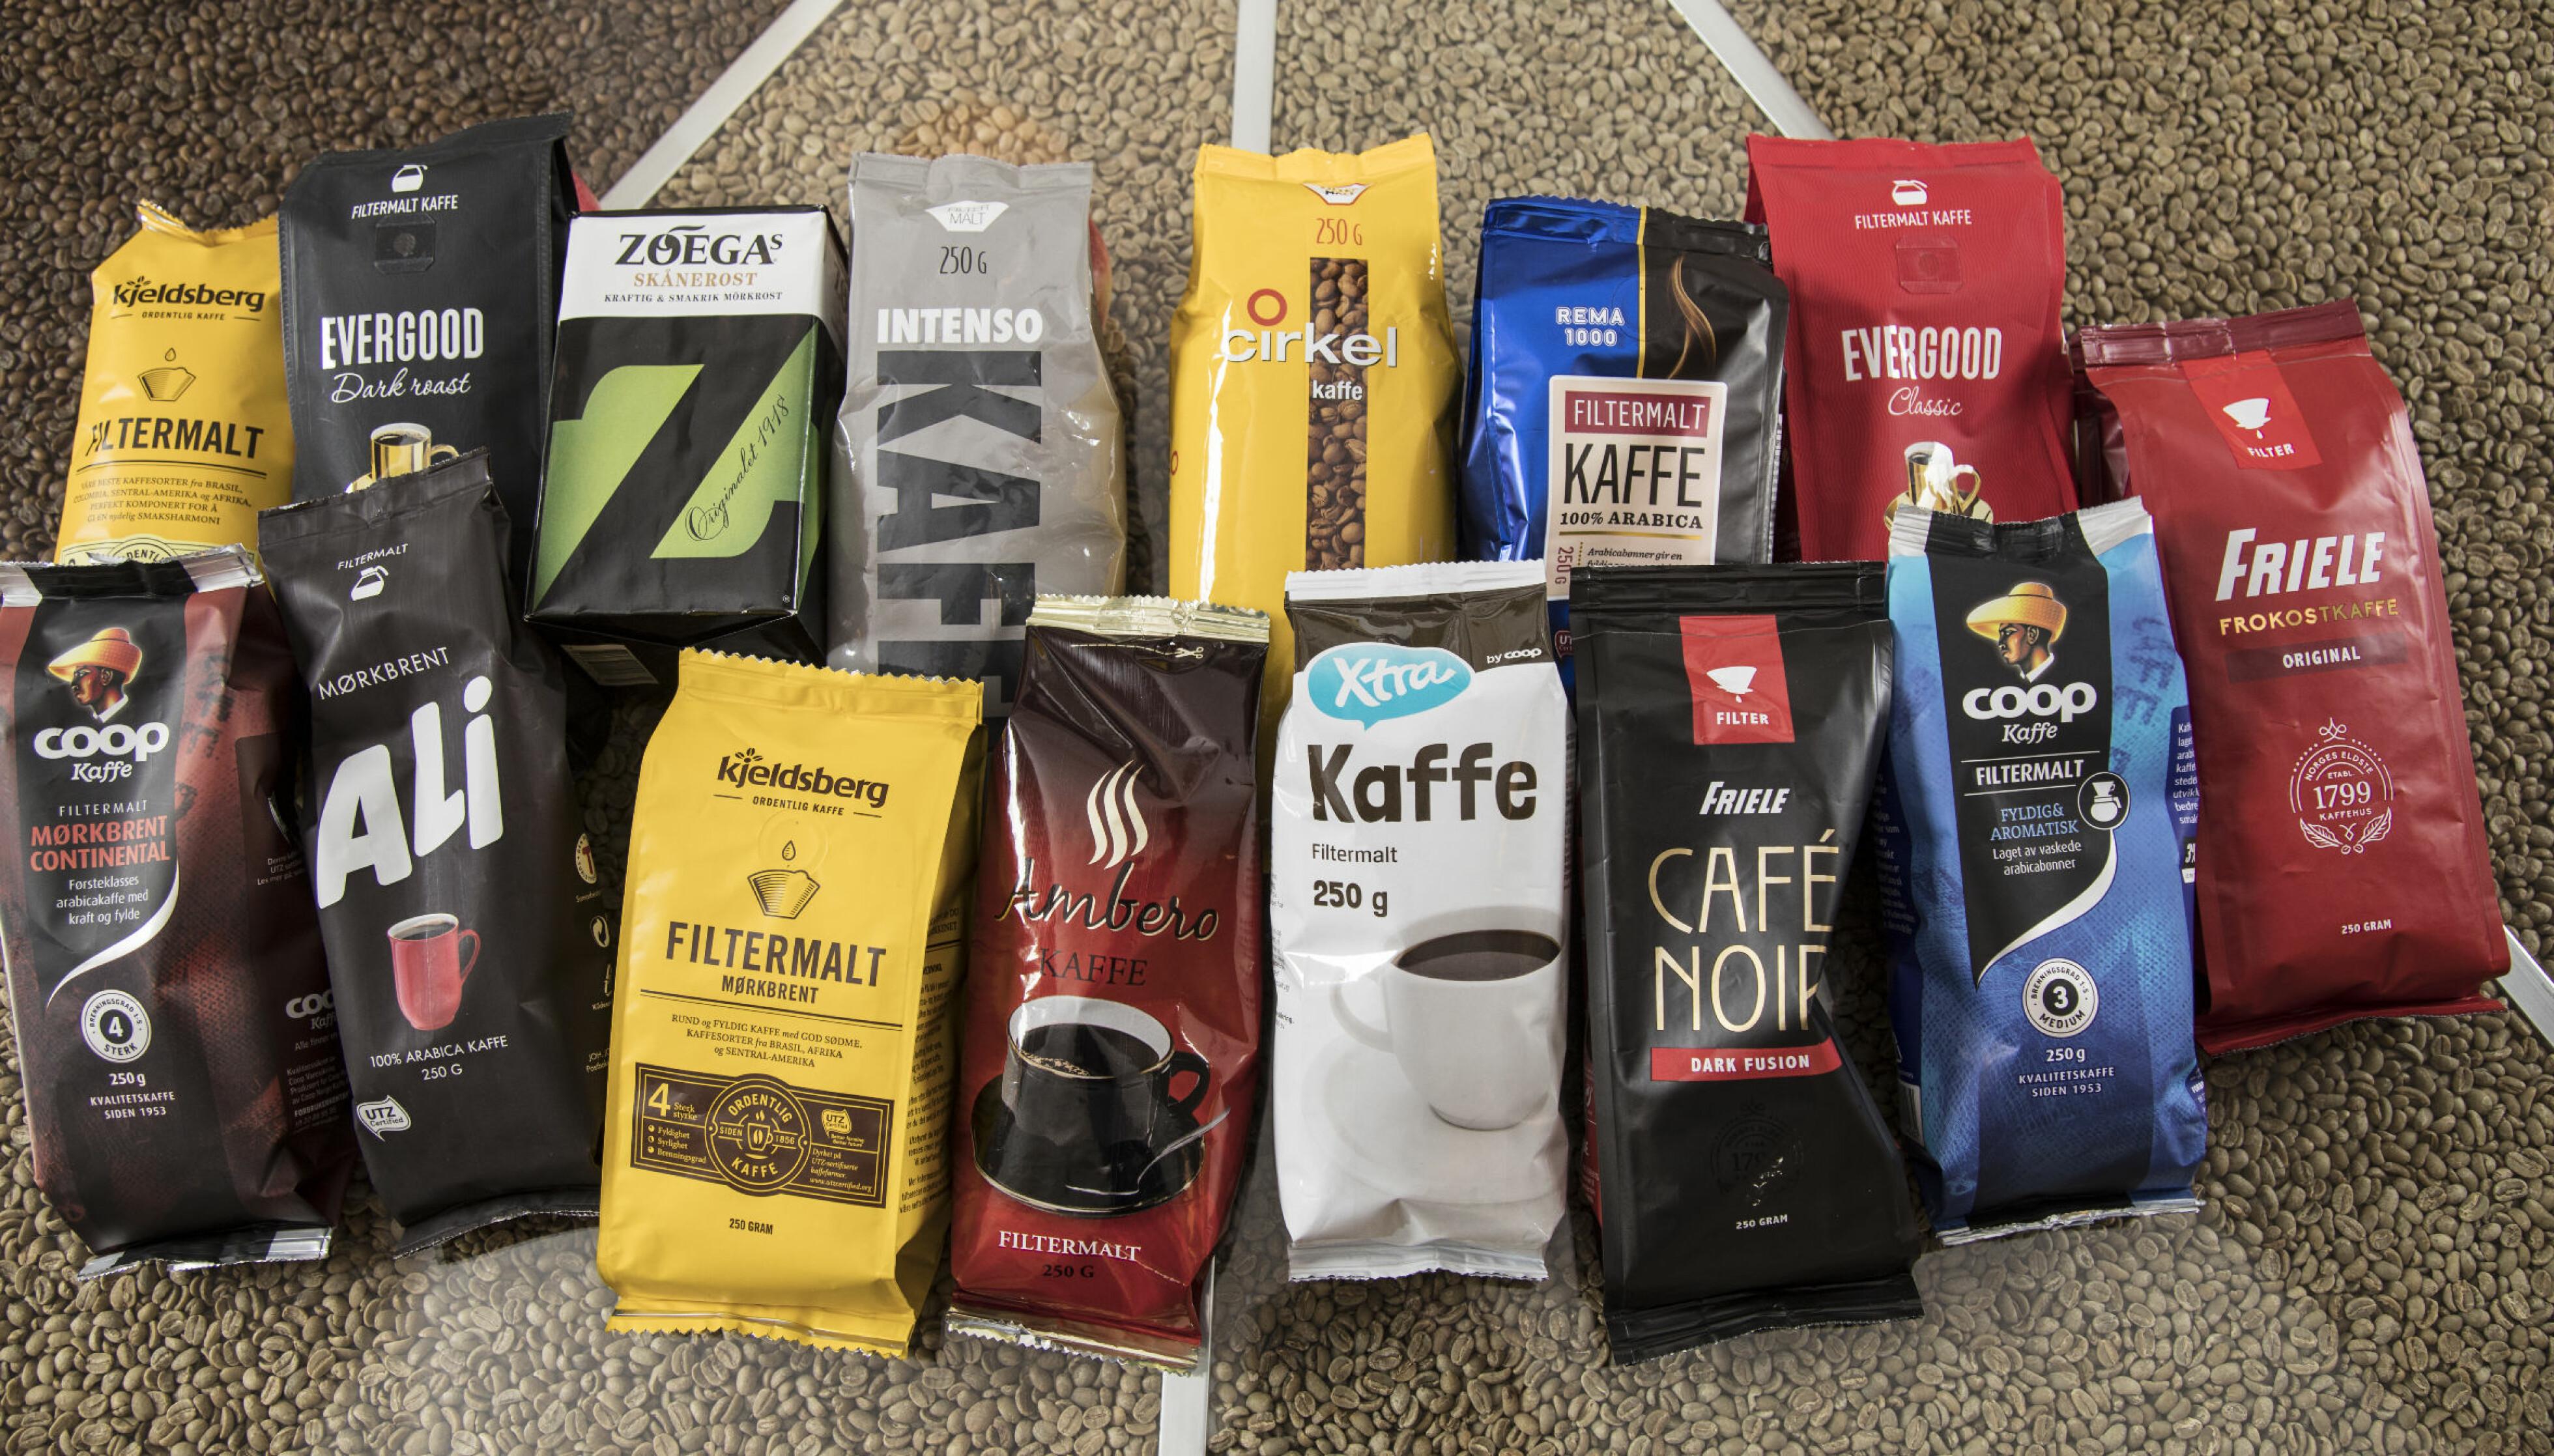 FRA BRASIL: Mye av denne kaffen kommer fra Brasil. Vil du gjøre et klokt valg, se etter merker som Fair Trade, UTZ eller Rain Forest Alliance. Foto: DAGBLADET